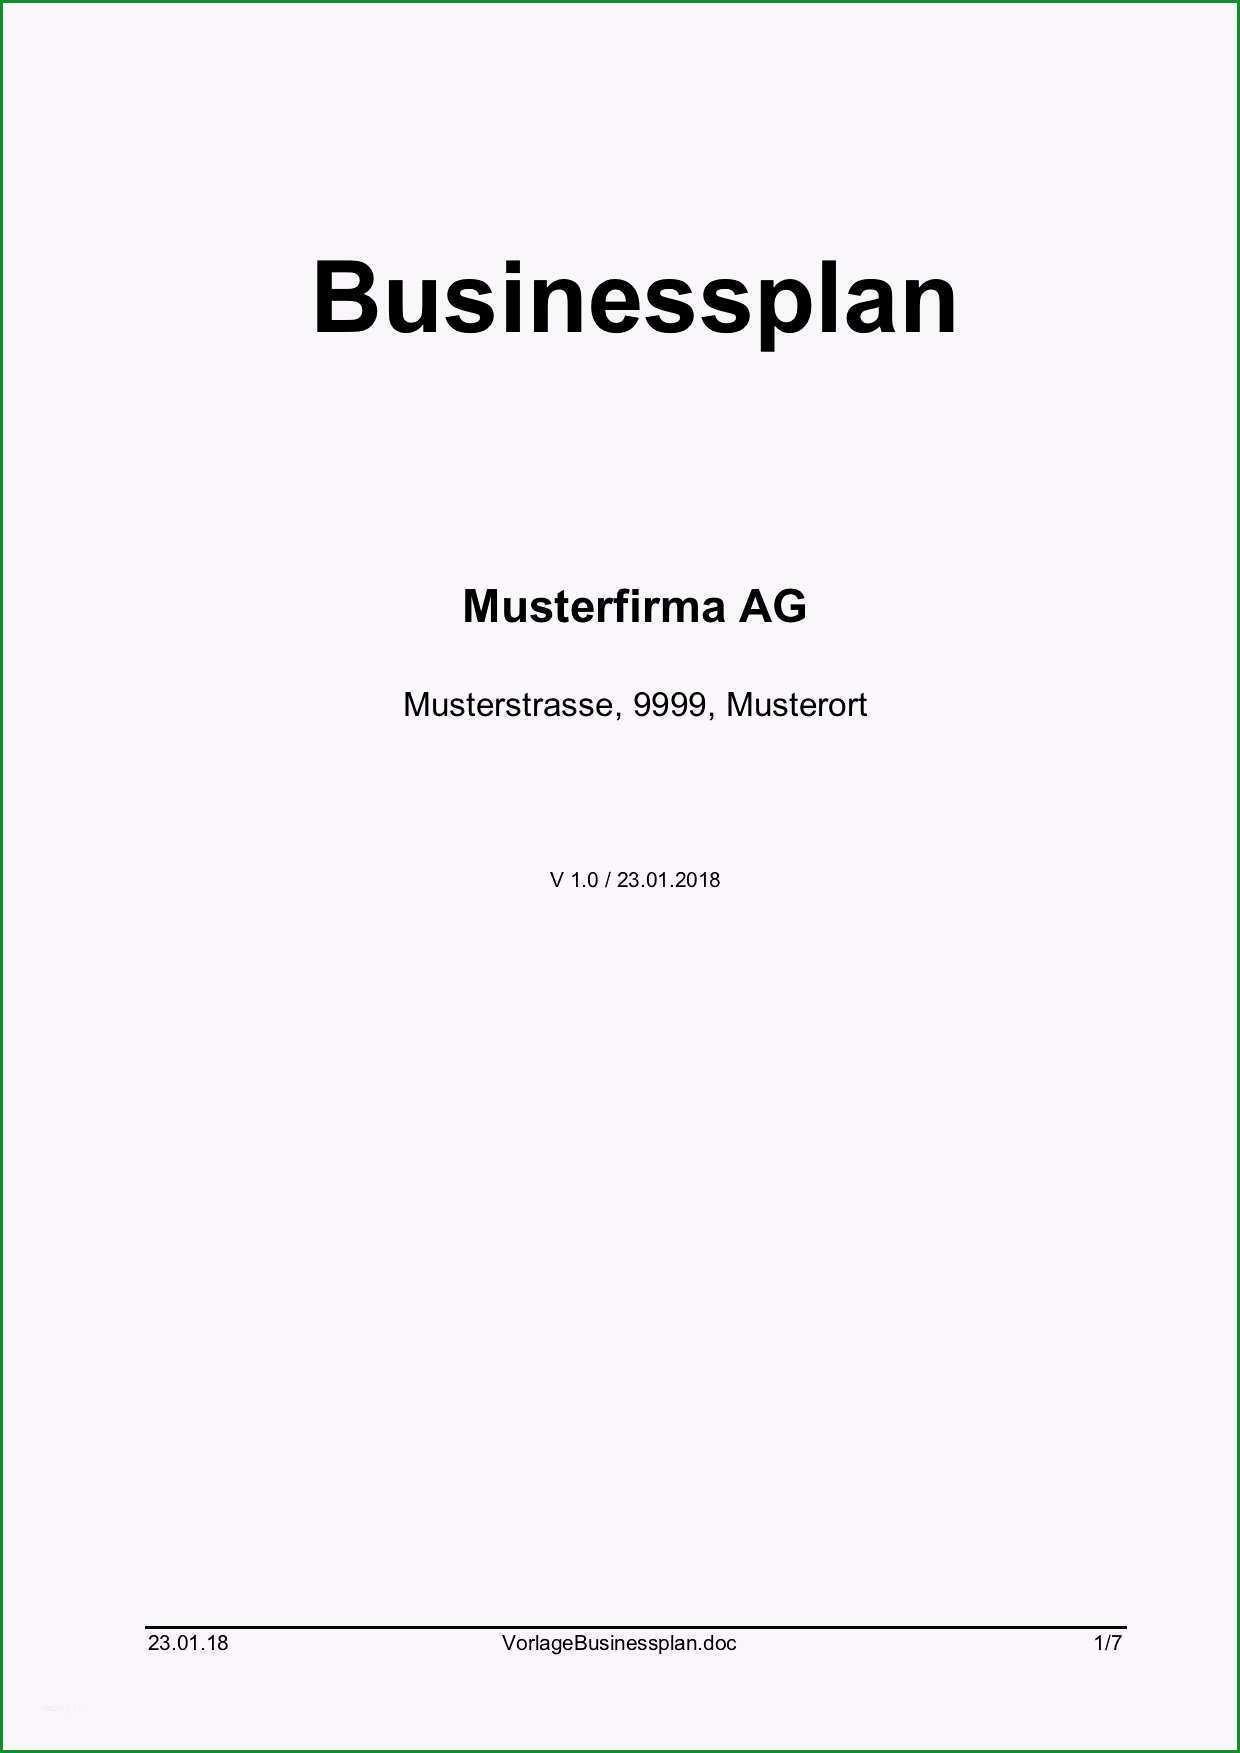 konzept vorlage word elegant businessplan vorlage word format muster vorlage